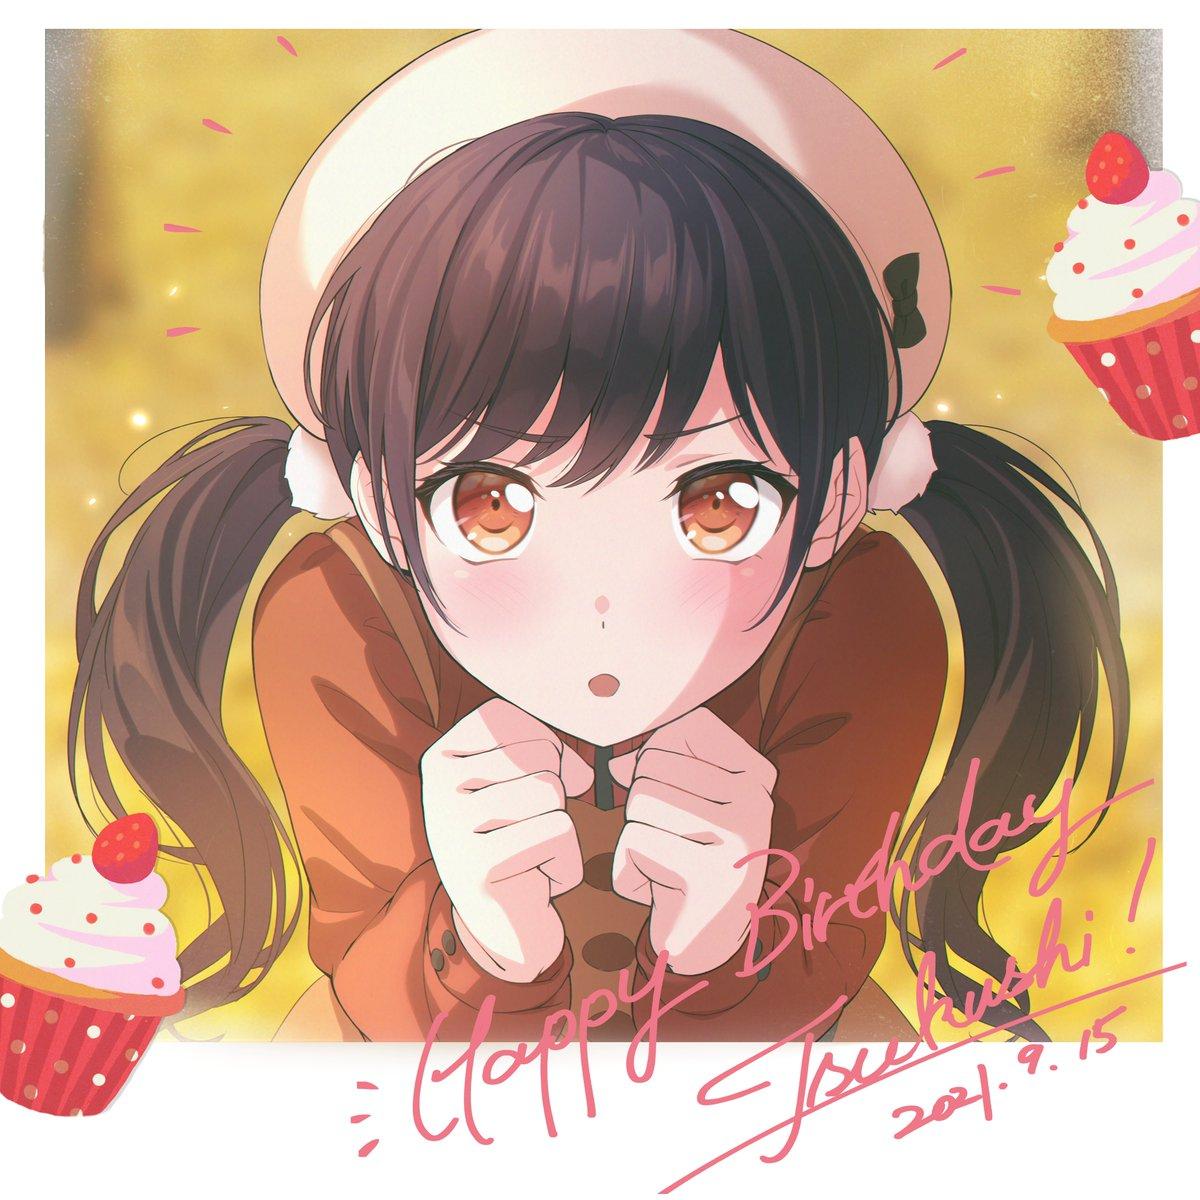 Happy Birthday つくし! fanart #双葉つくし生誕祭2021 #双葉つくし誕生祭2021